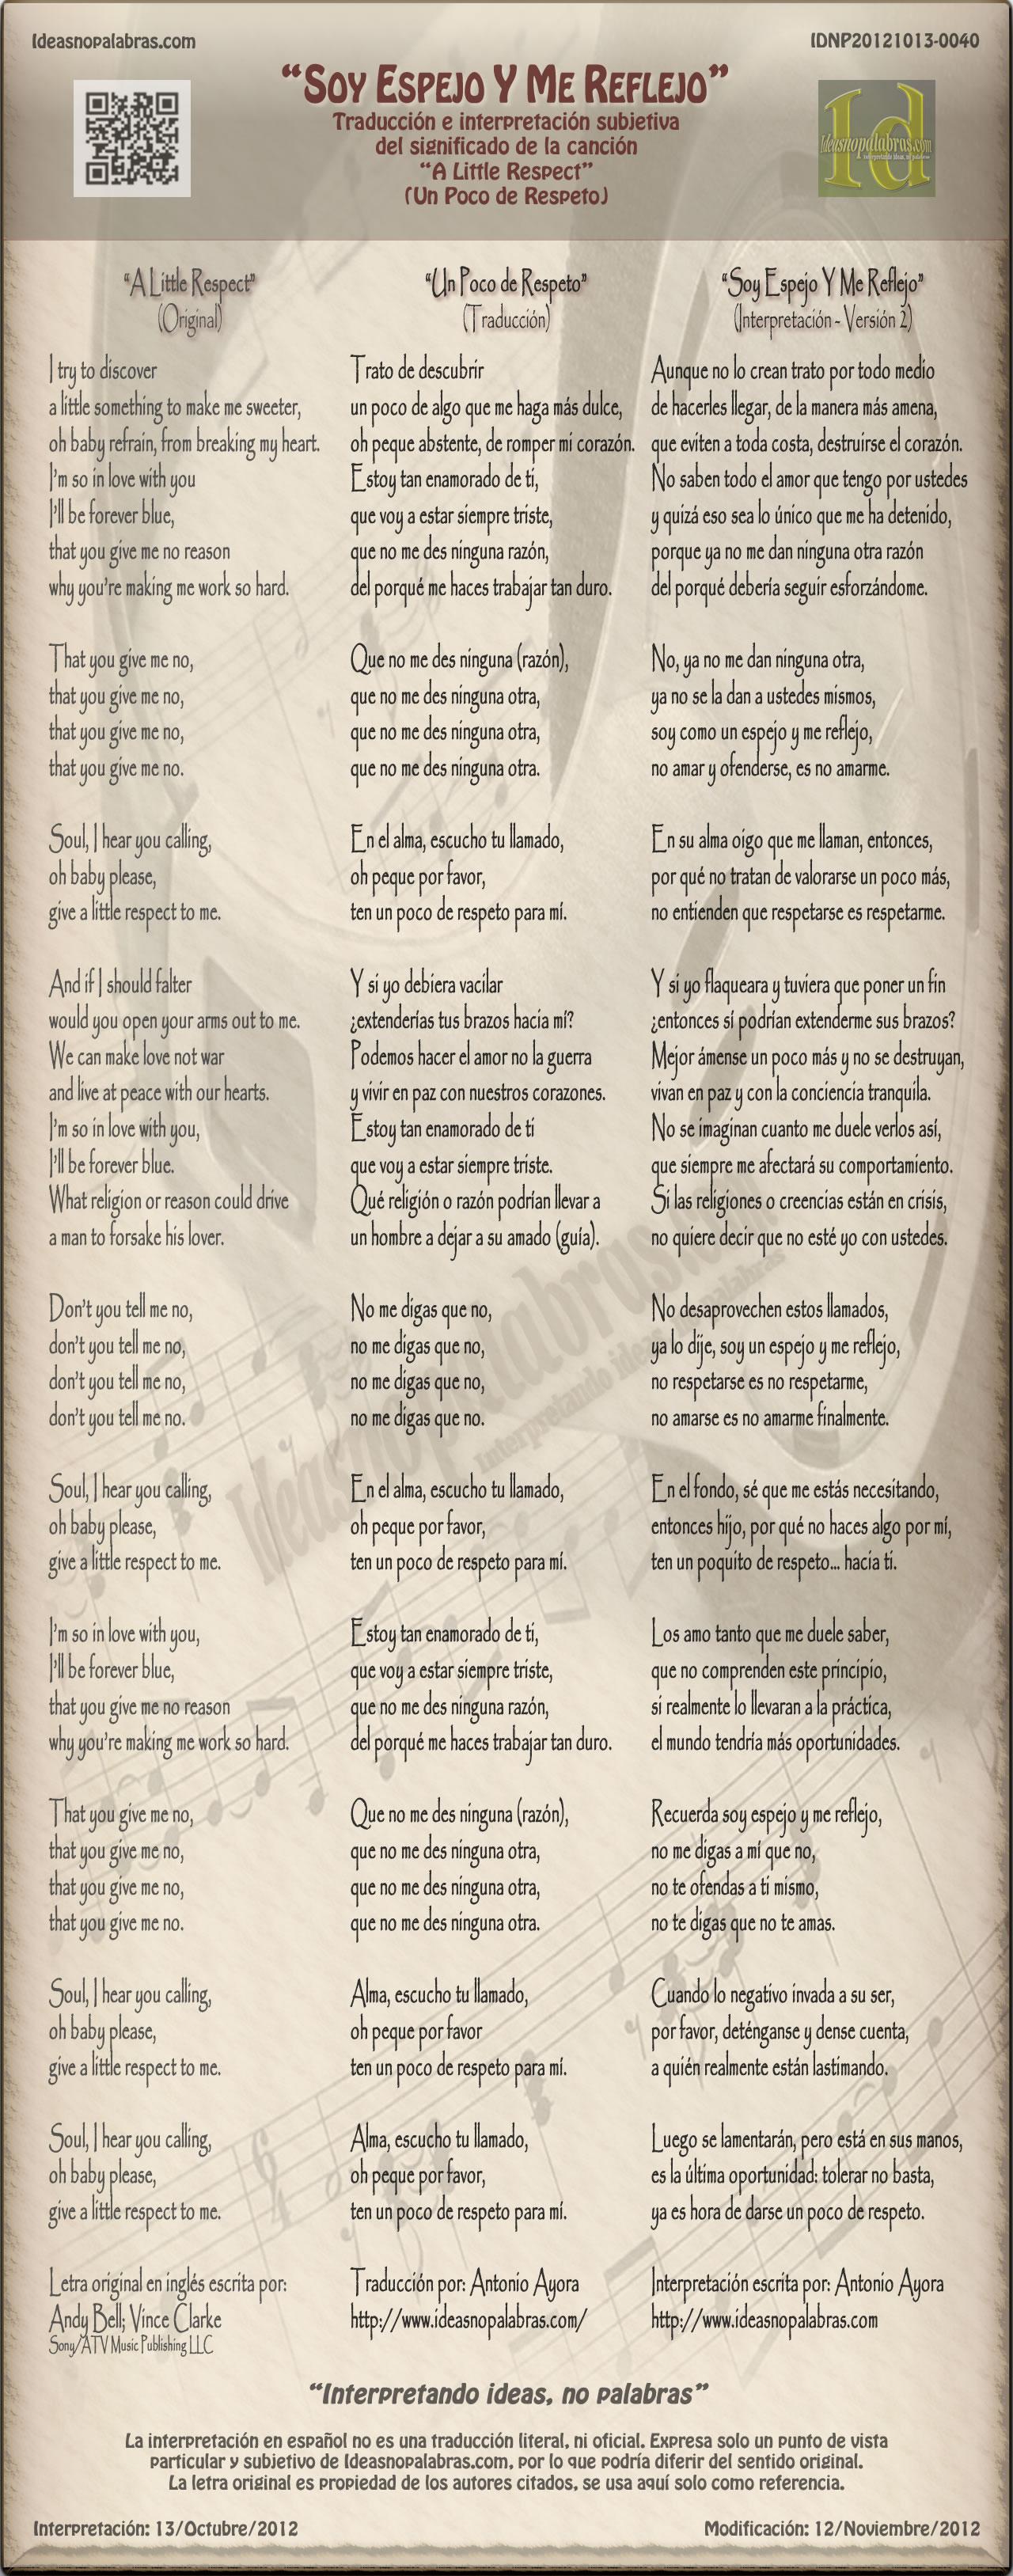 IDNP20121013-0040 Traducción Un Poco de Respeto A Little Respect